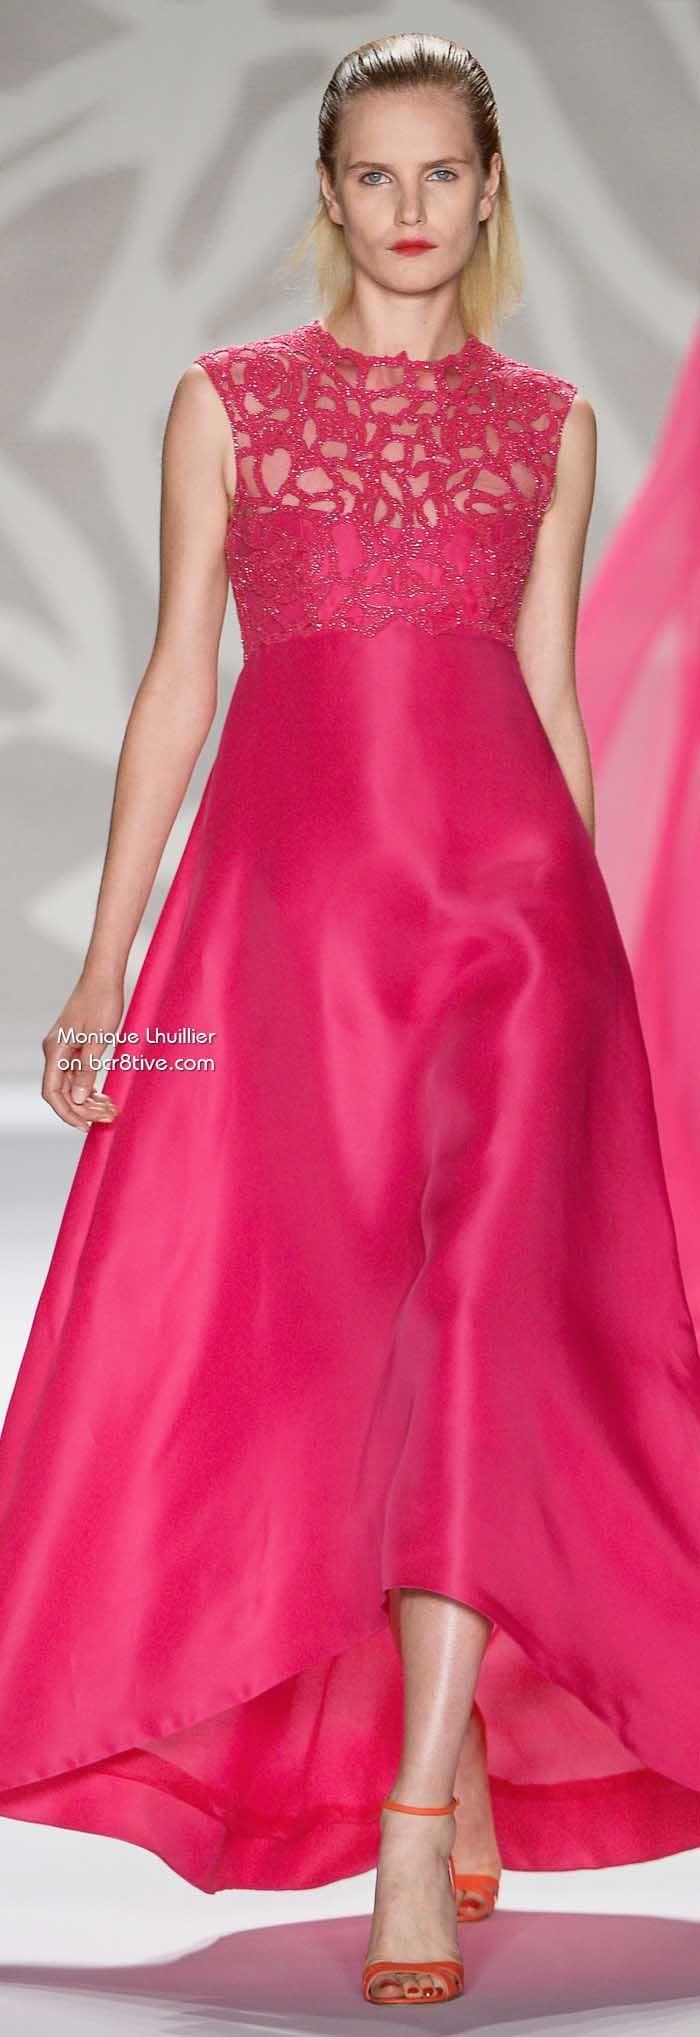 Monique Lhuillier Spring 2014 | Vestidos de fiesta, Moda rosada y ...